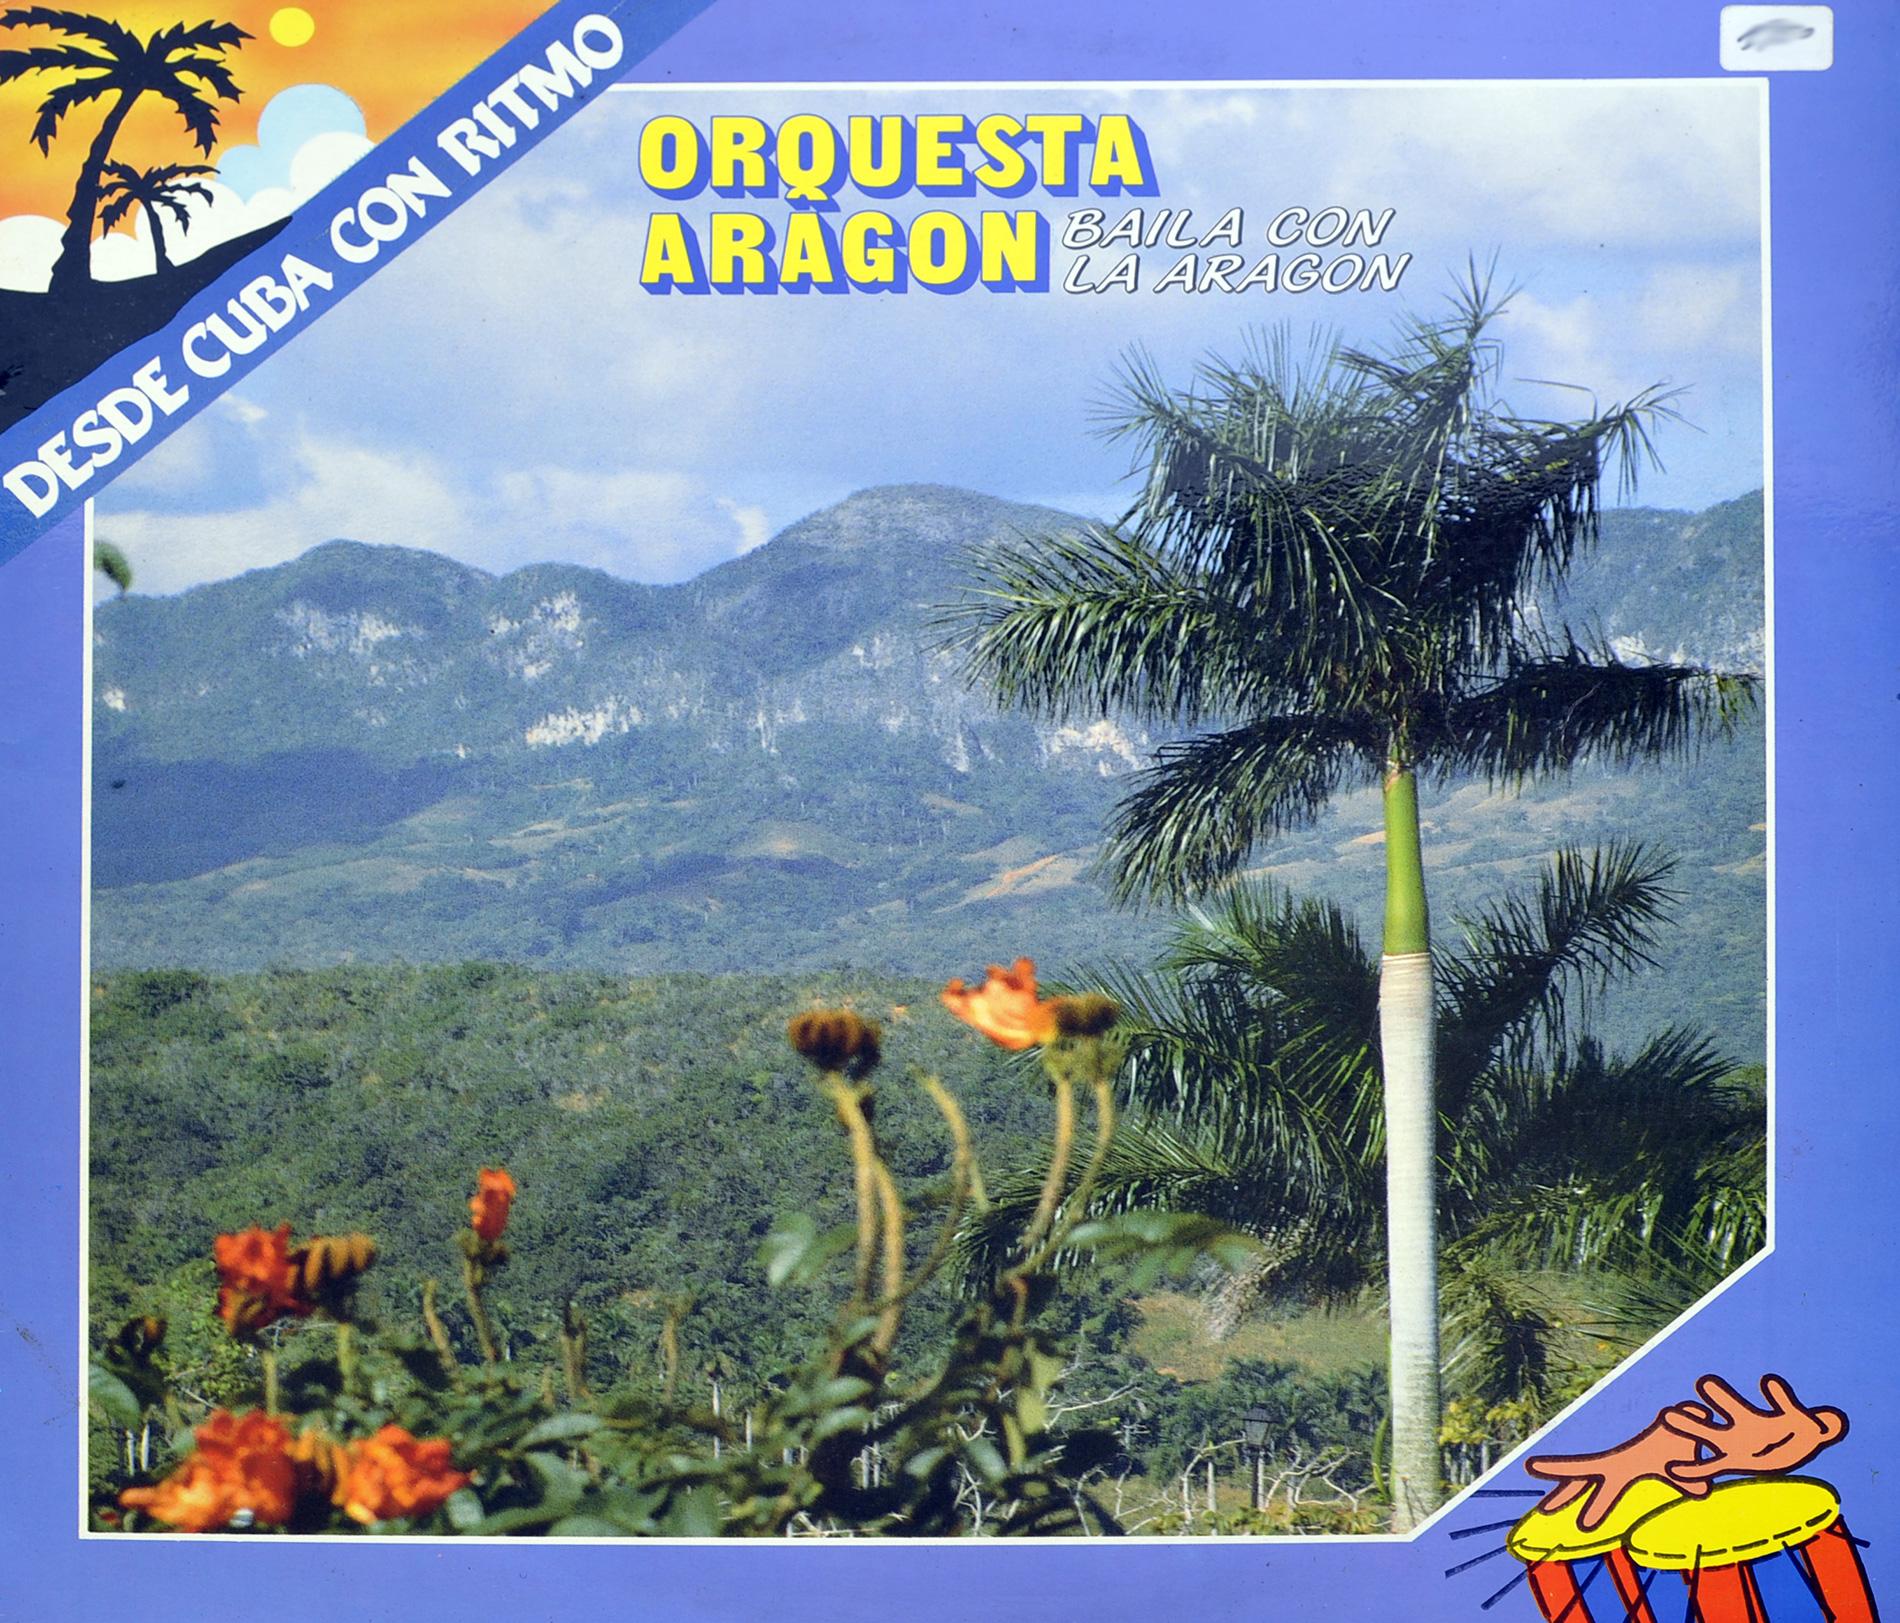 Orquesta Aragon Baila